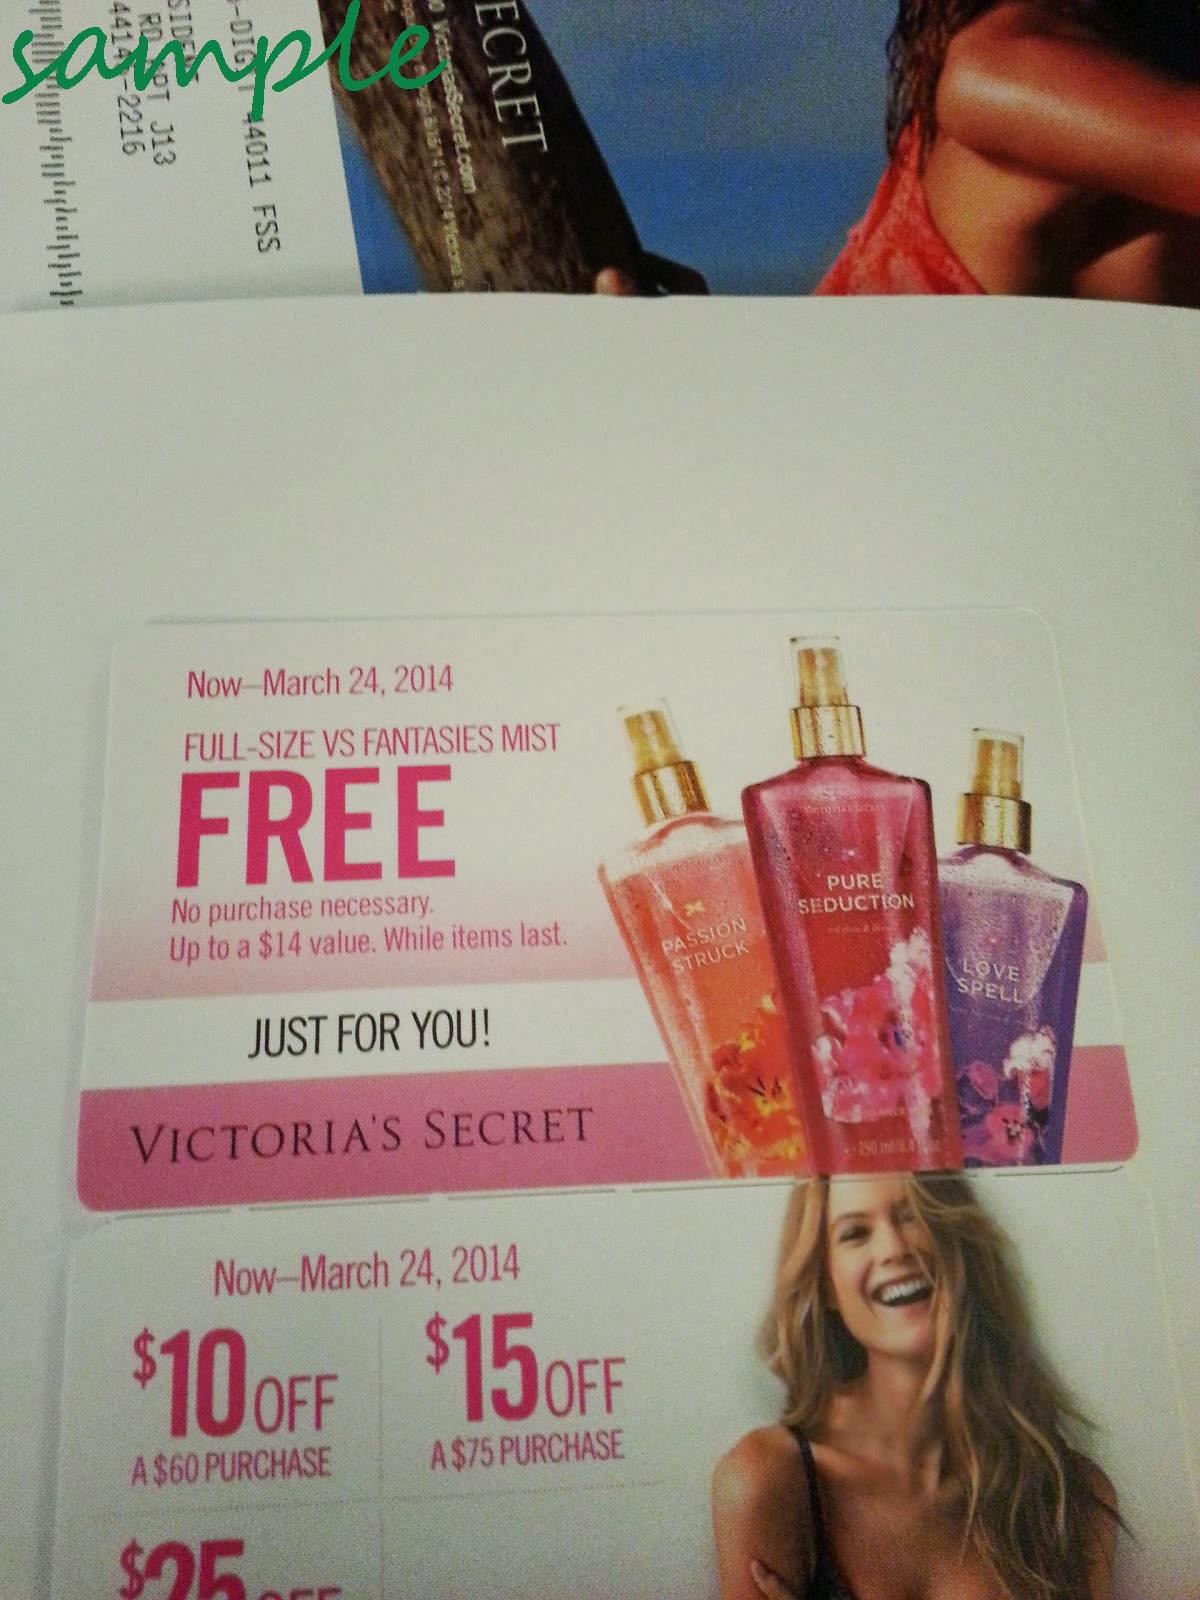 Victorias secret coupon code